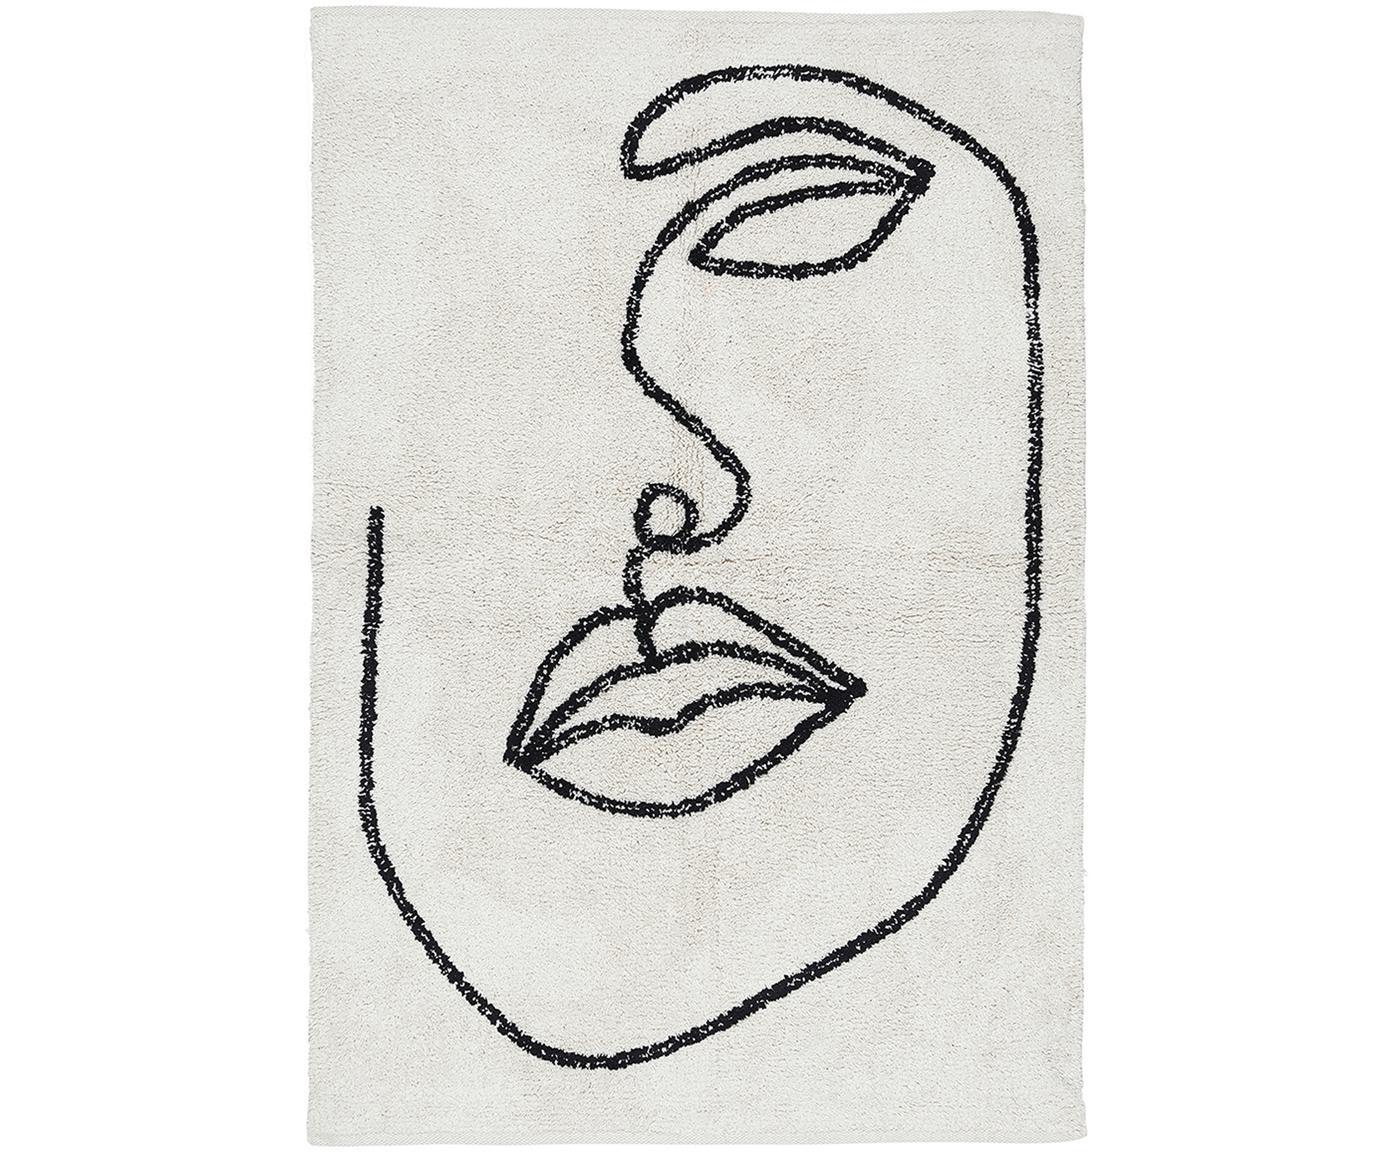 Baumwollteppich Visage mit abstrakter One Line Zeichnung, 100% Bio-Baumwolle, Gebrochenes Weiß, Schwarz, B 90 x L 120 cm (Größe XS)